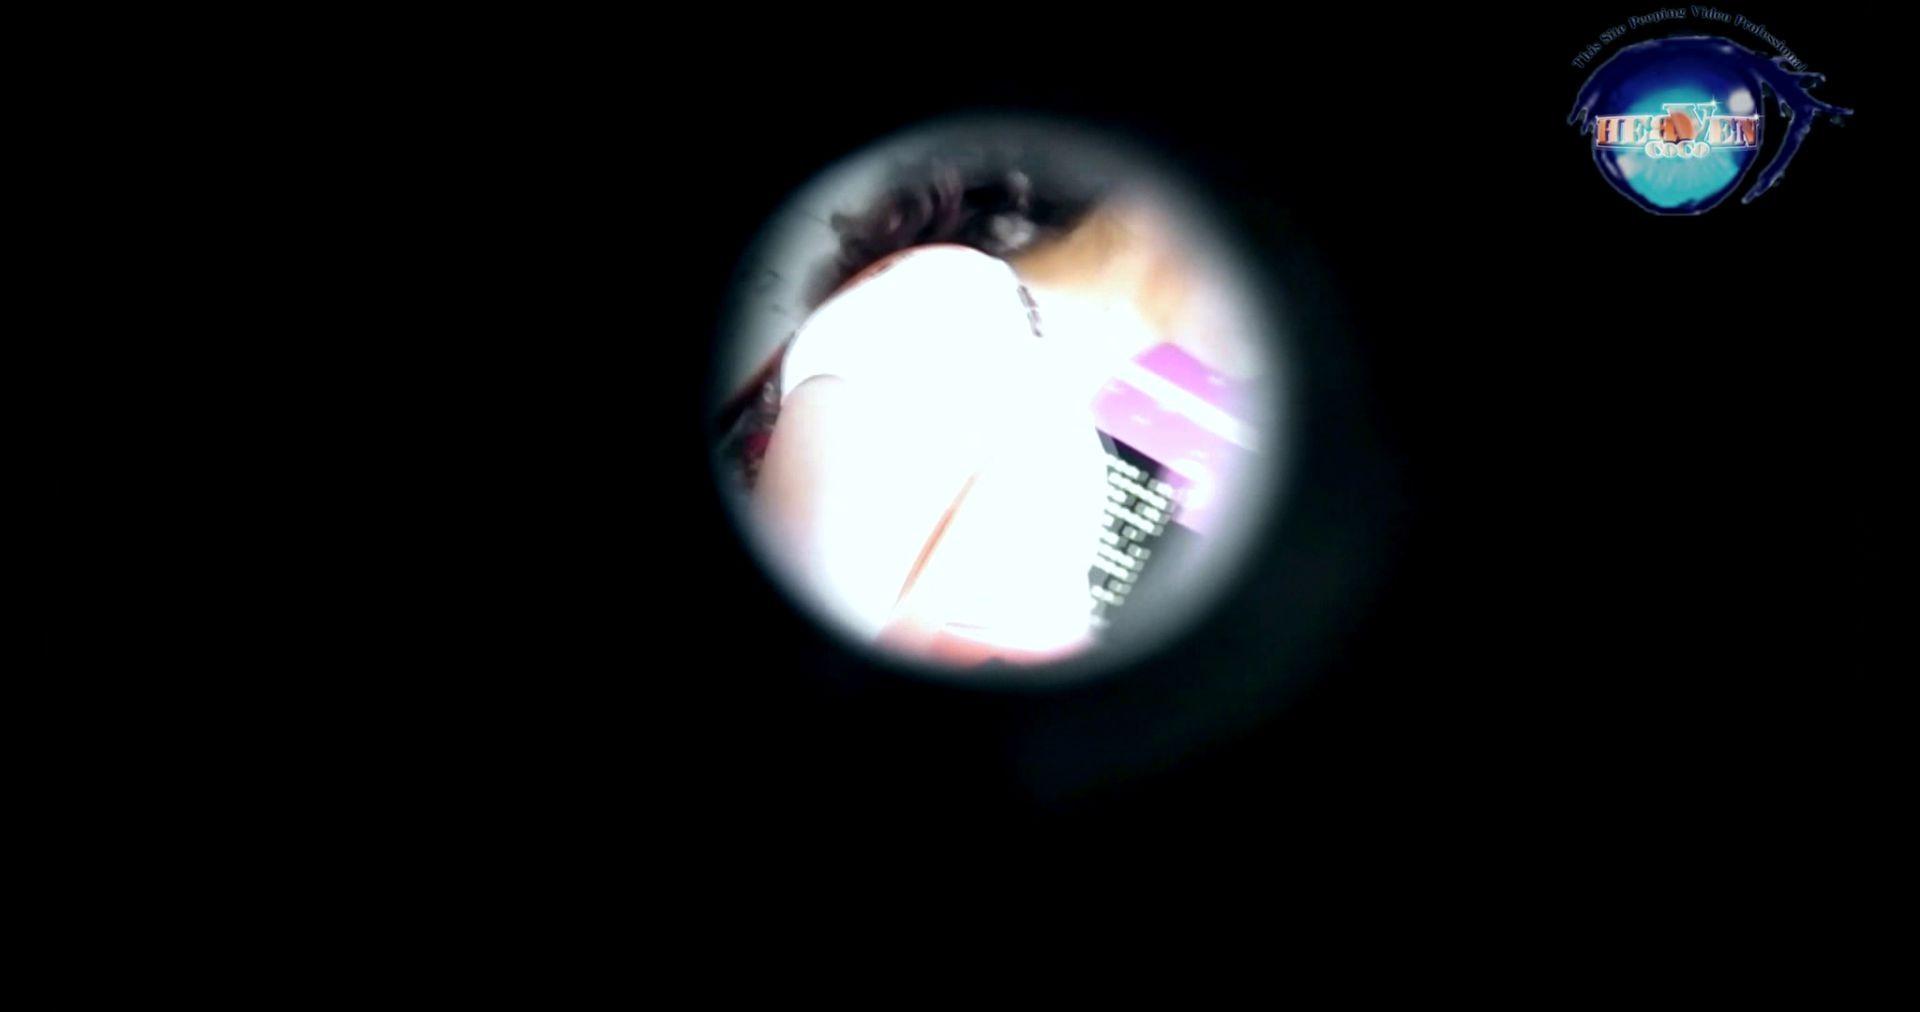 世界の射窓から~ステーション編~vol.36 無料動画に登場したトップクラスモデル本番へ 丸見え  109PIX 24